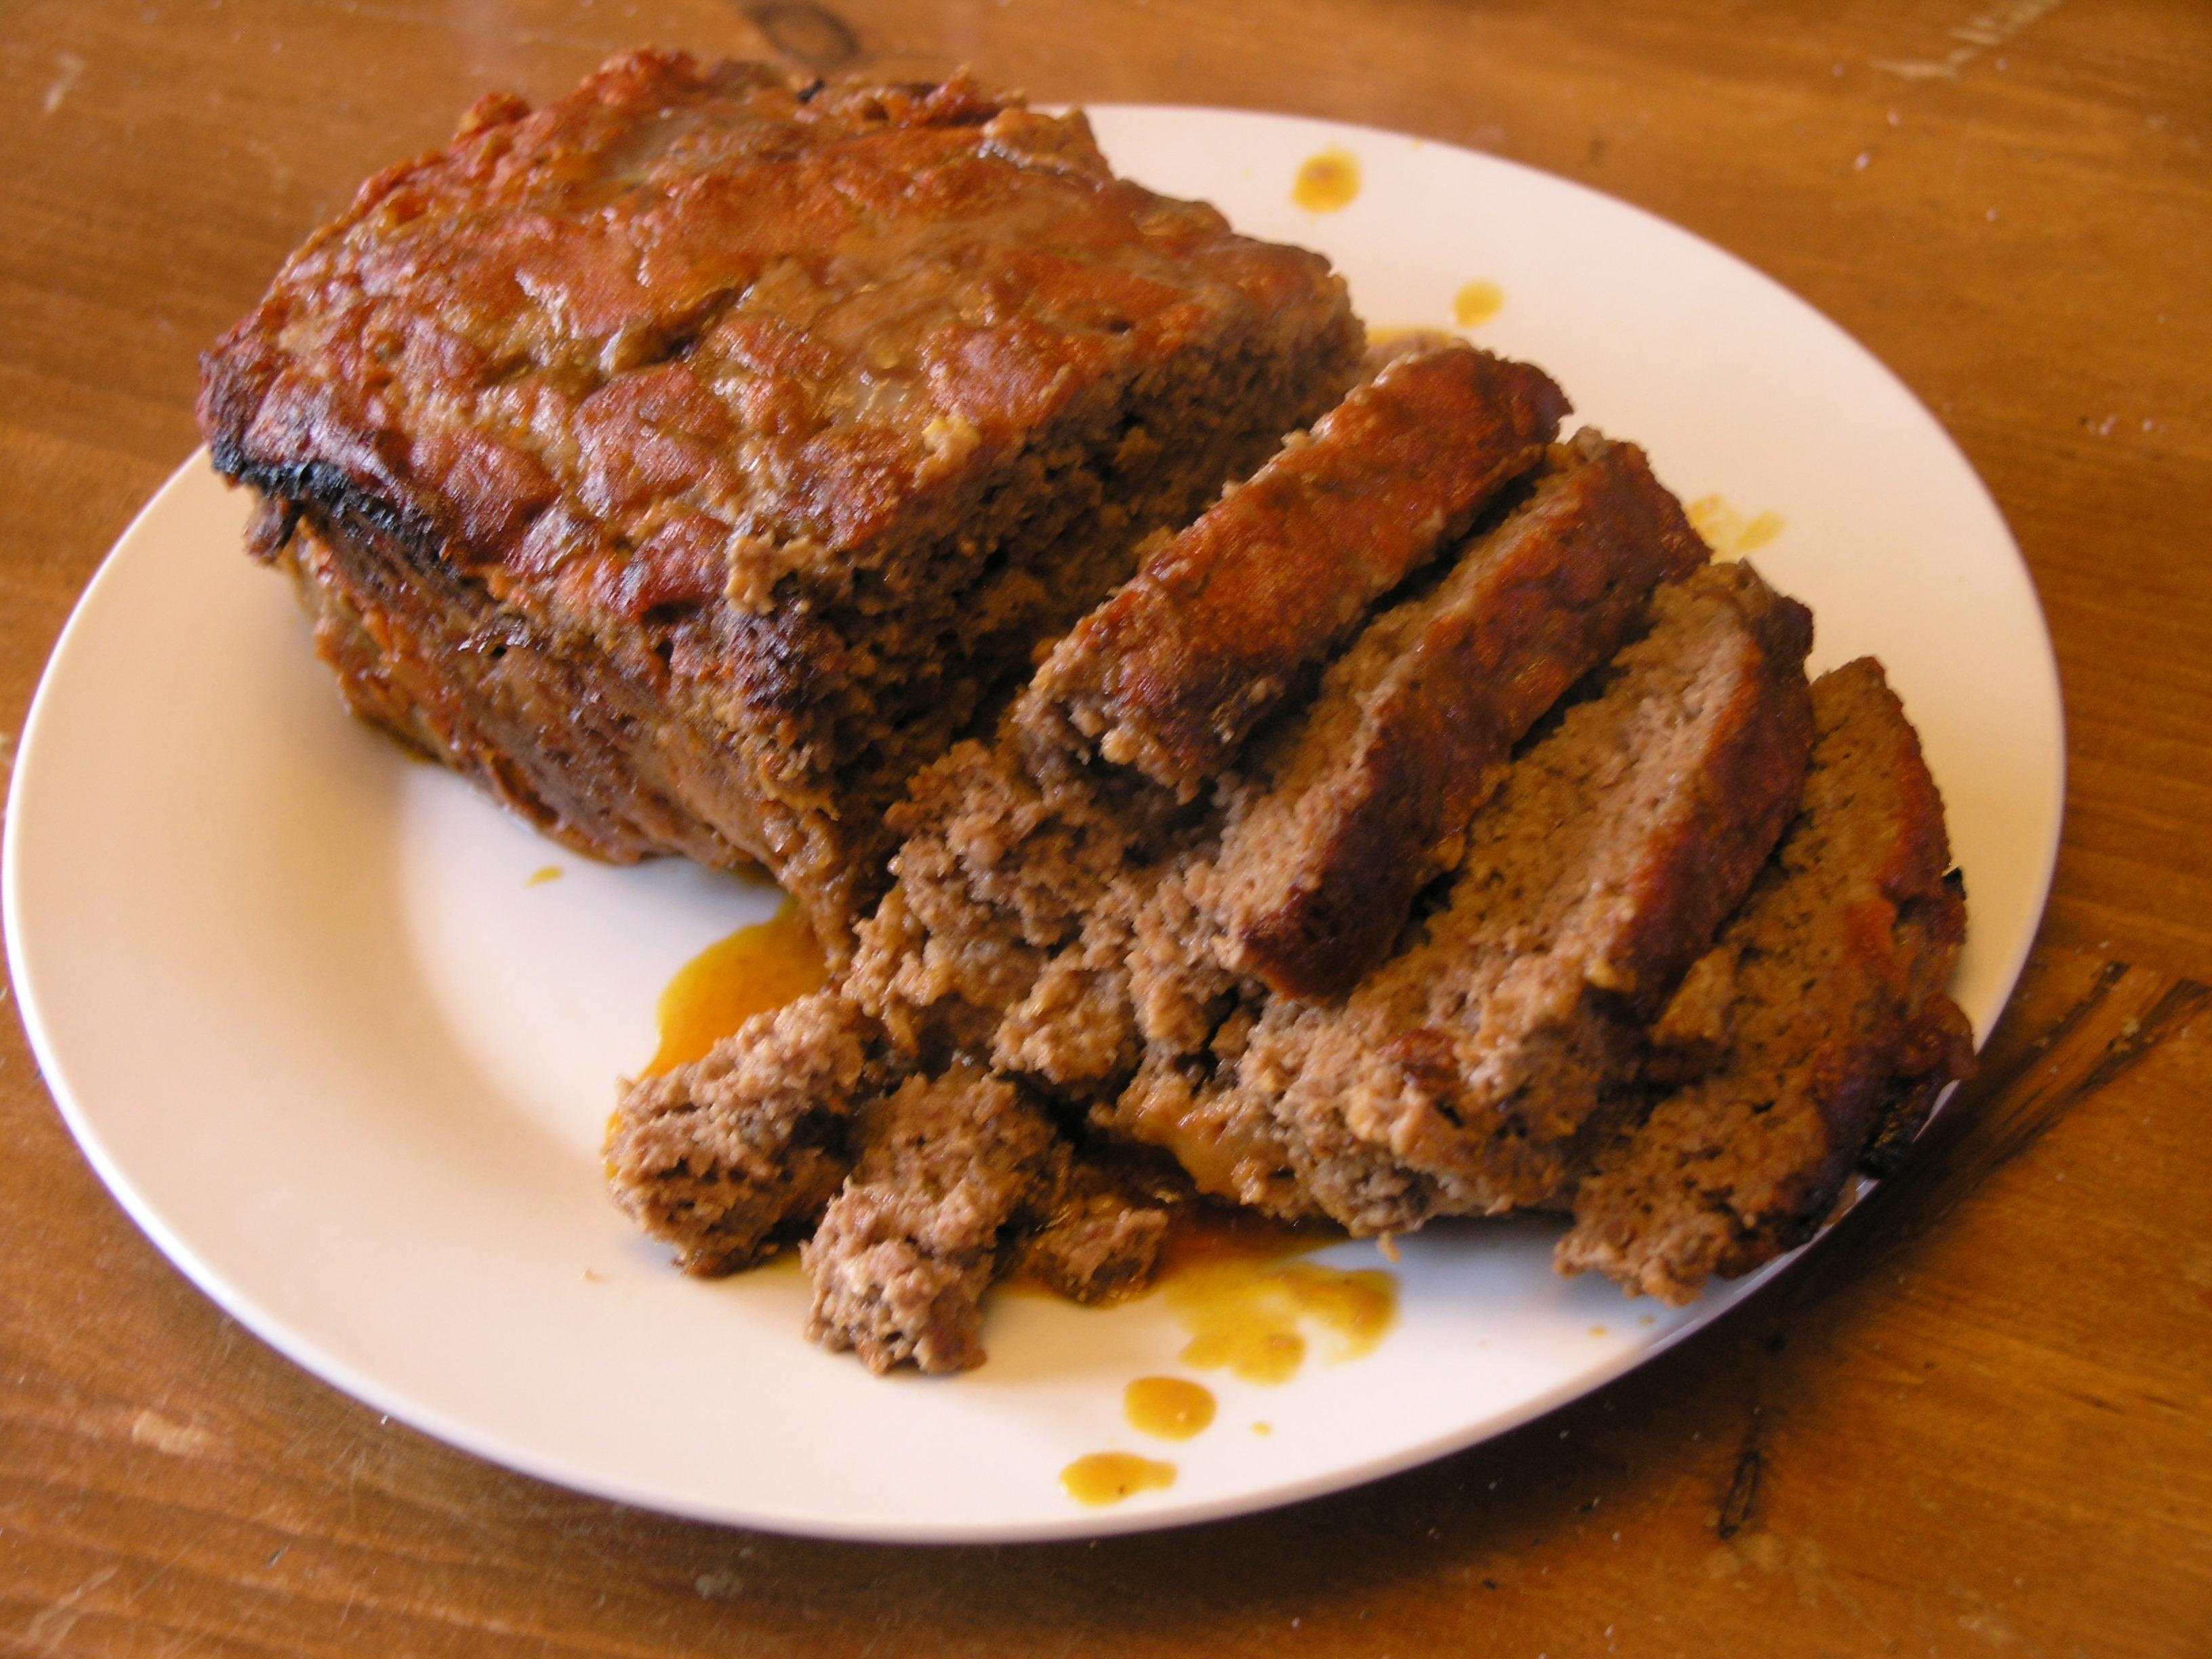 How to make hunts meatloaf sauce